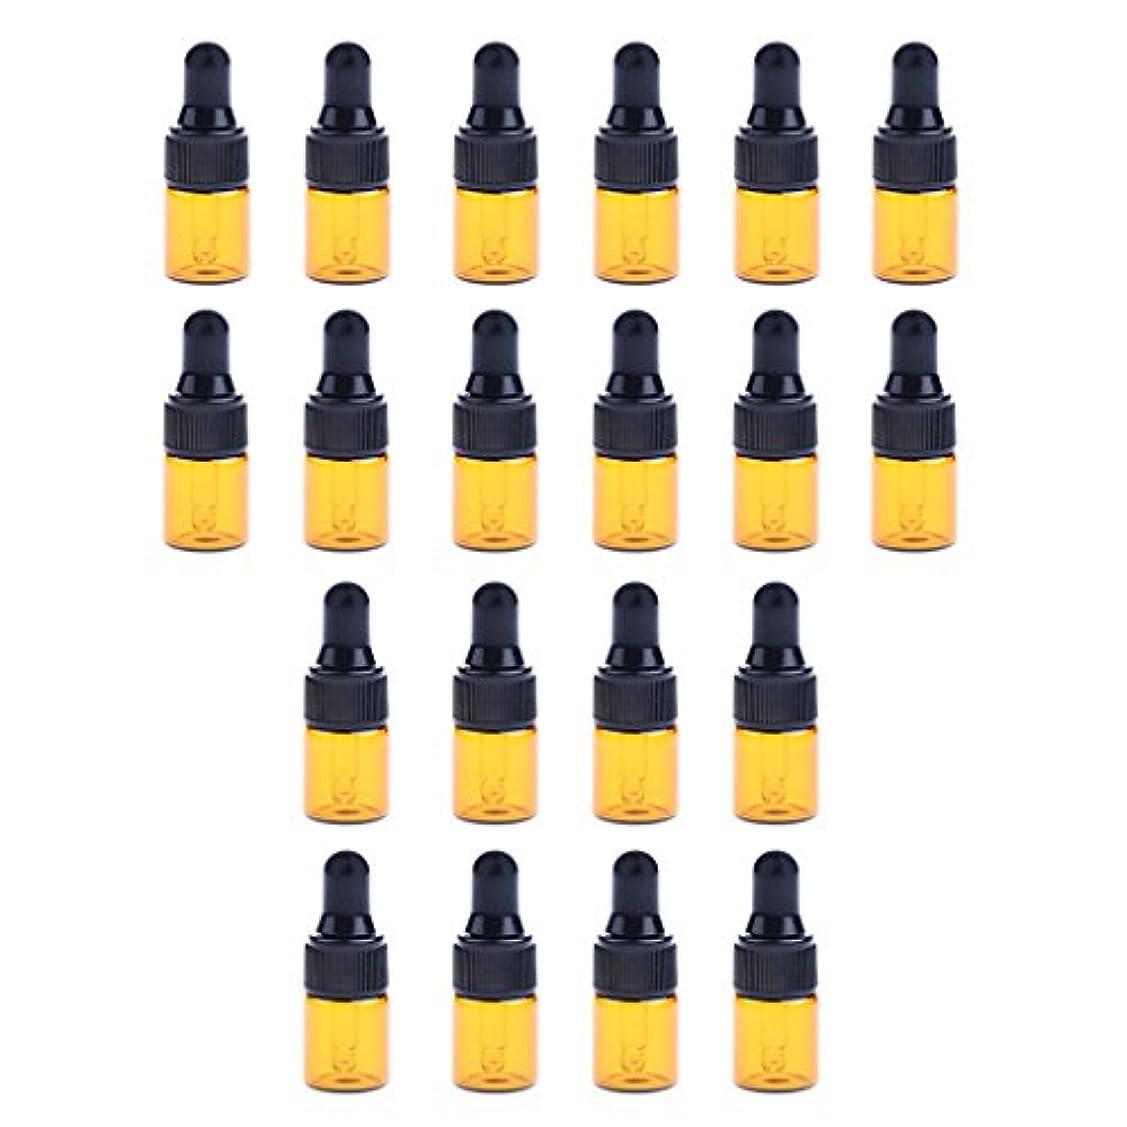 dailymall 全3サイズ スポイトボトル ガラスボトル 詰替え 香水 オイル 化粧品 コスメ用 遮光ビン 約20個 - 3ML